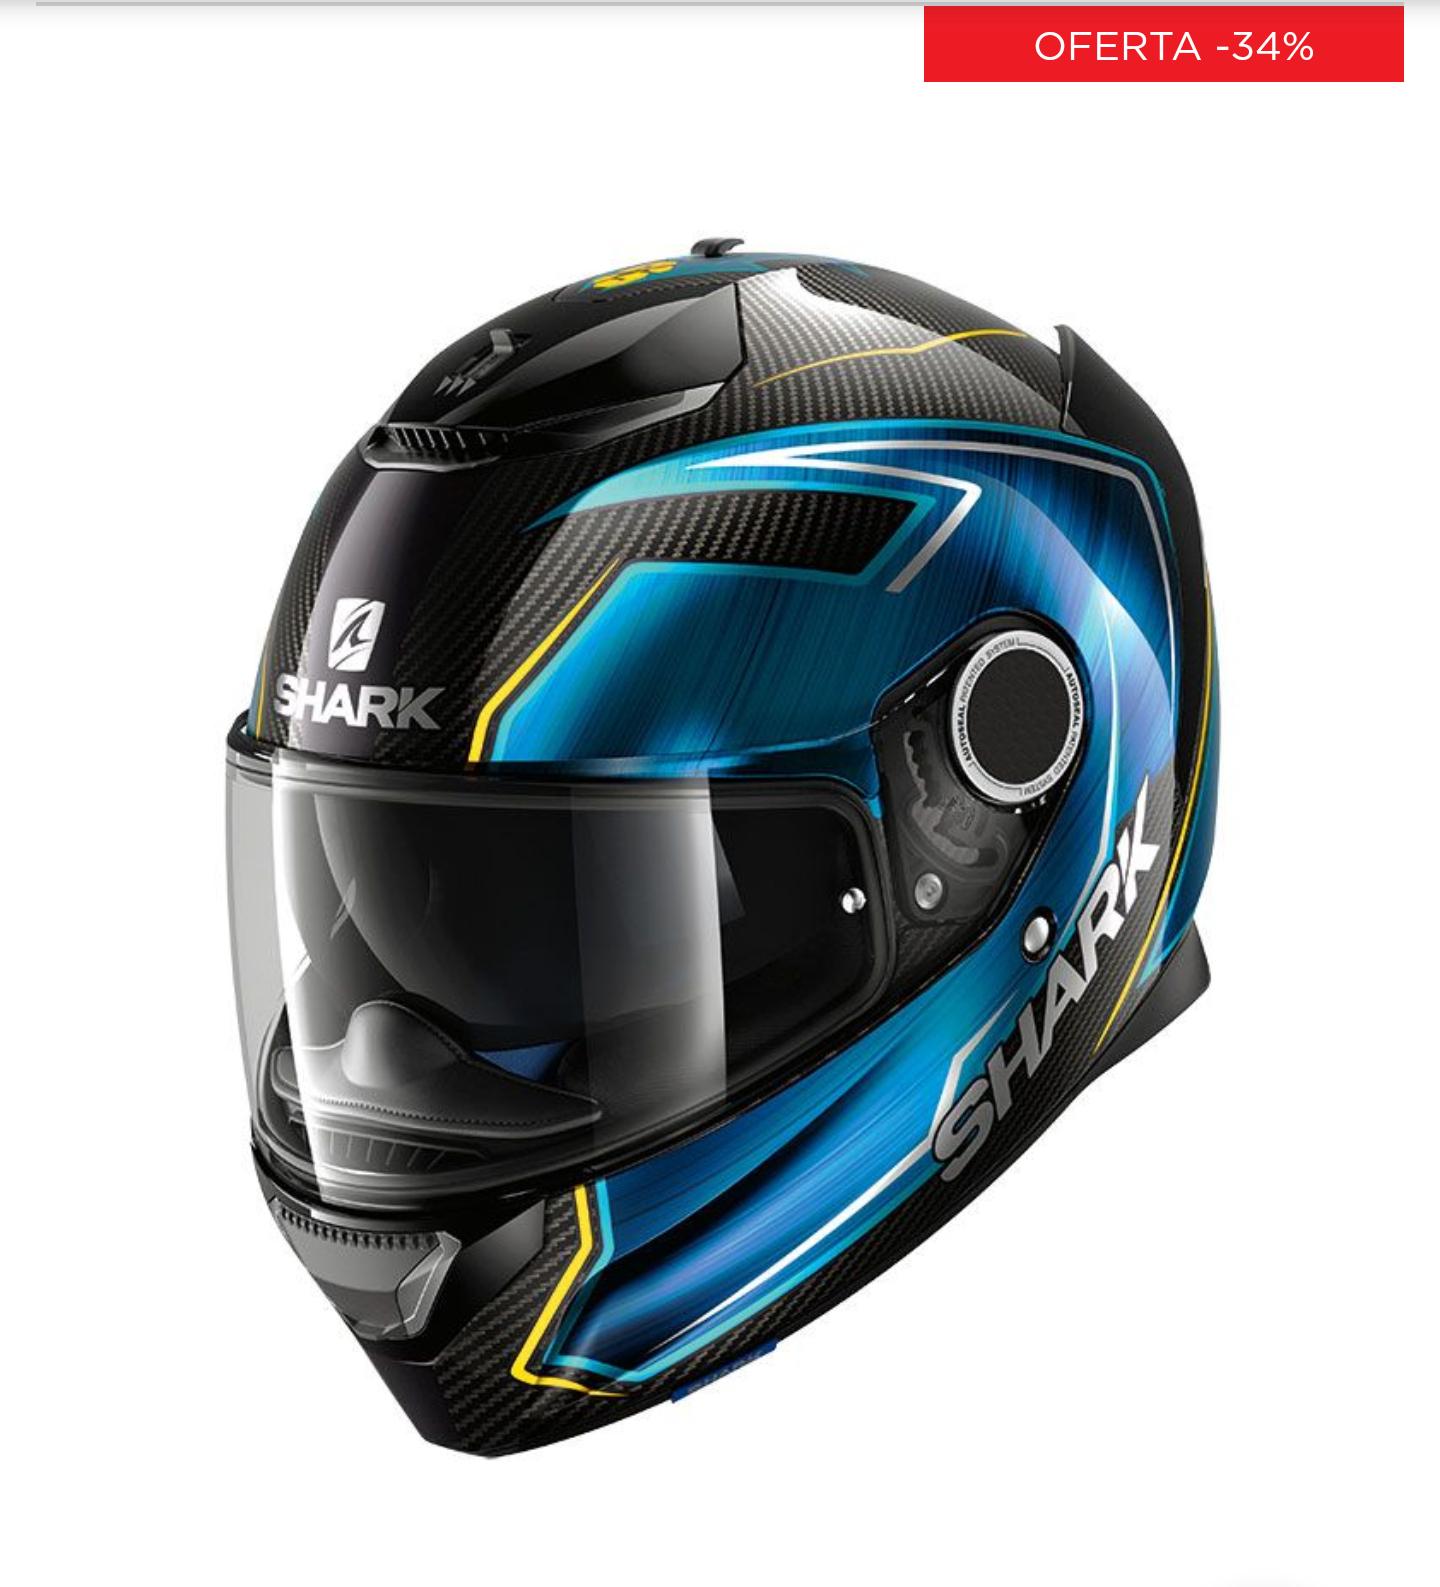 REBAJAZAS en cascos y un largo etc en accesorios de moto.